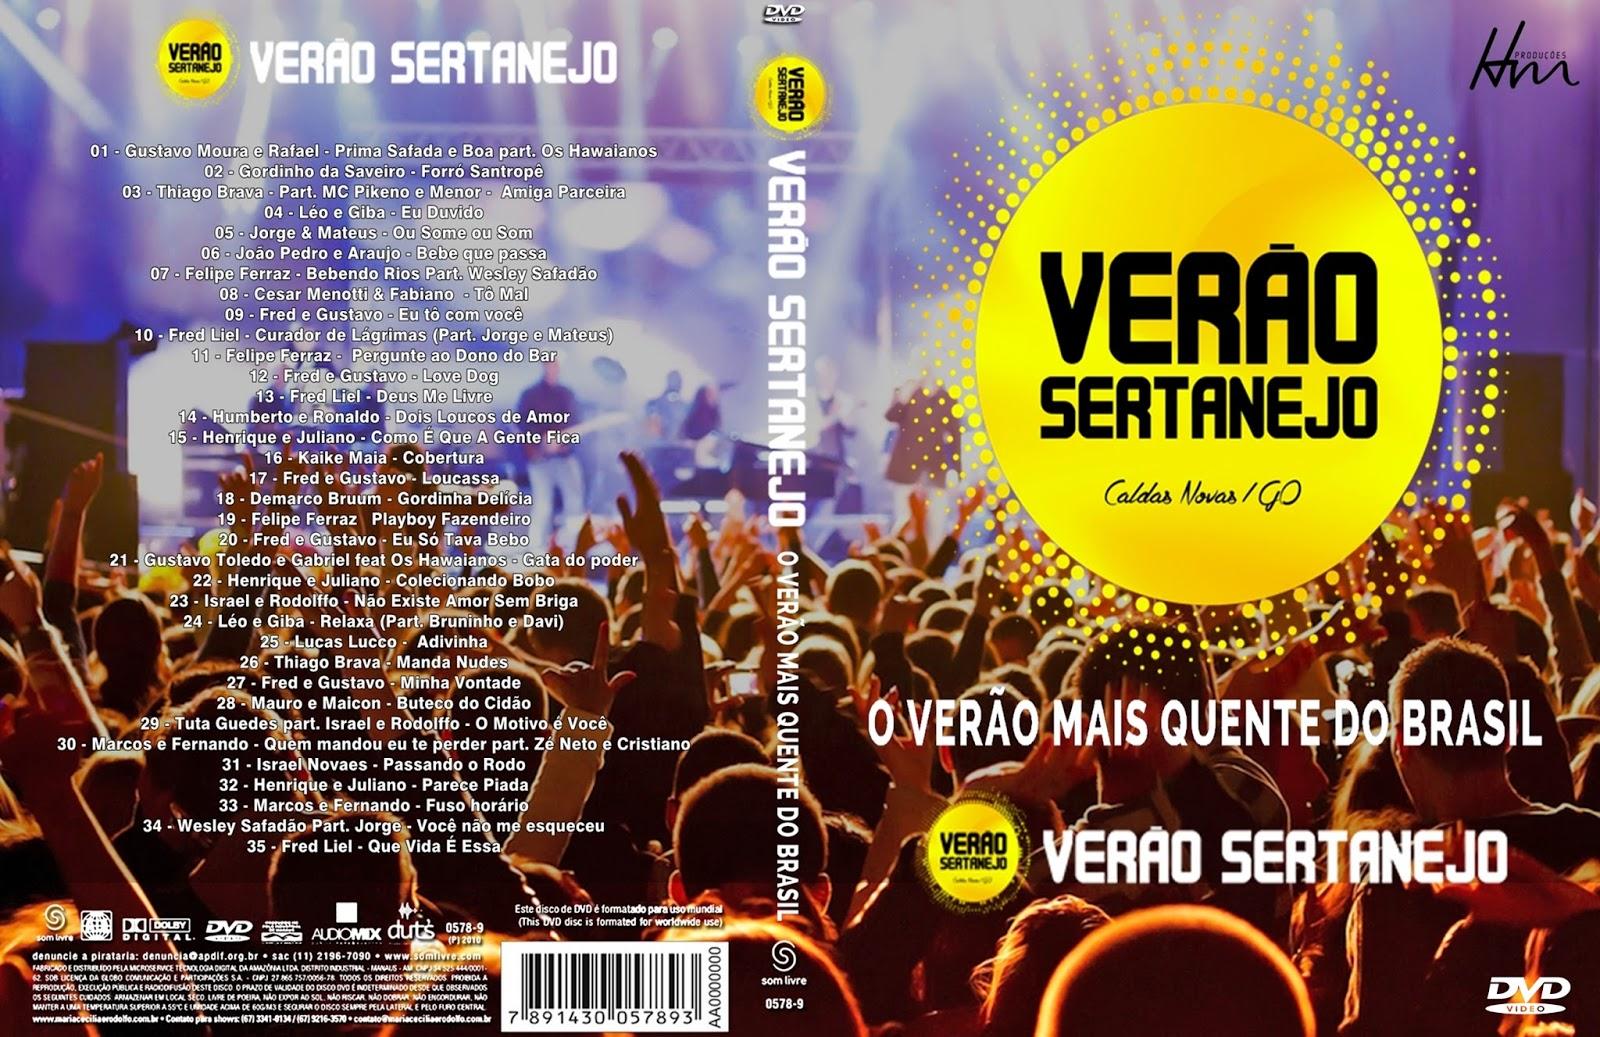 Verão Sertanejo DVDRip XviD 2016 Ver 25C3 25A3o 2BSertanejo 2BDVD R 2BXANDAODOWNLOAD